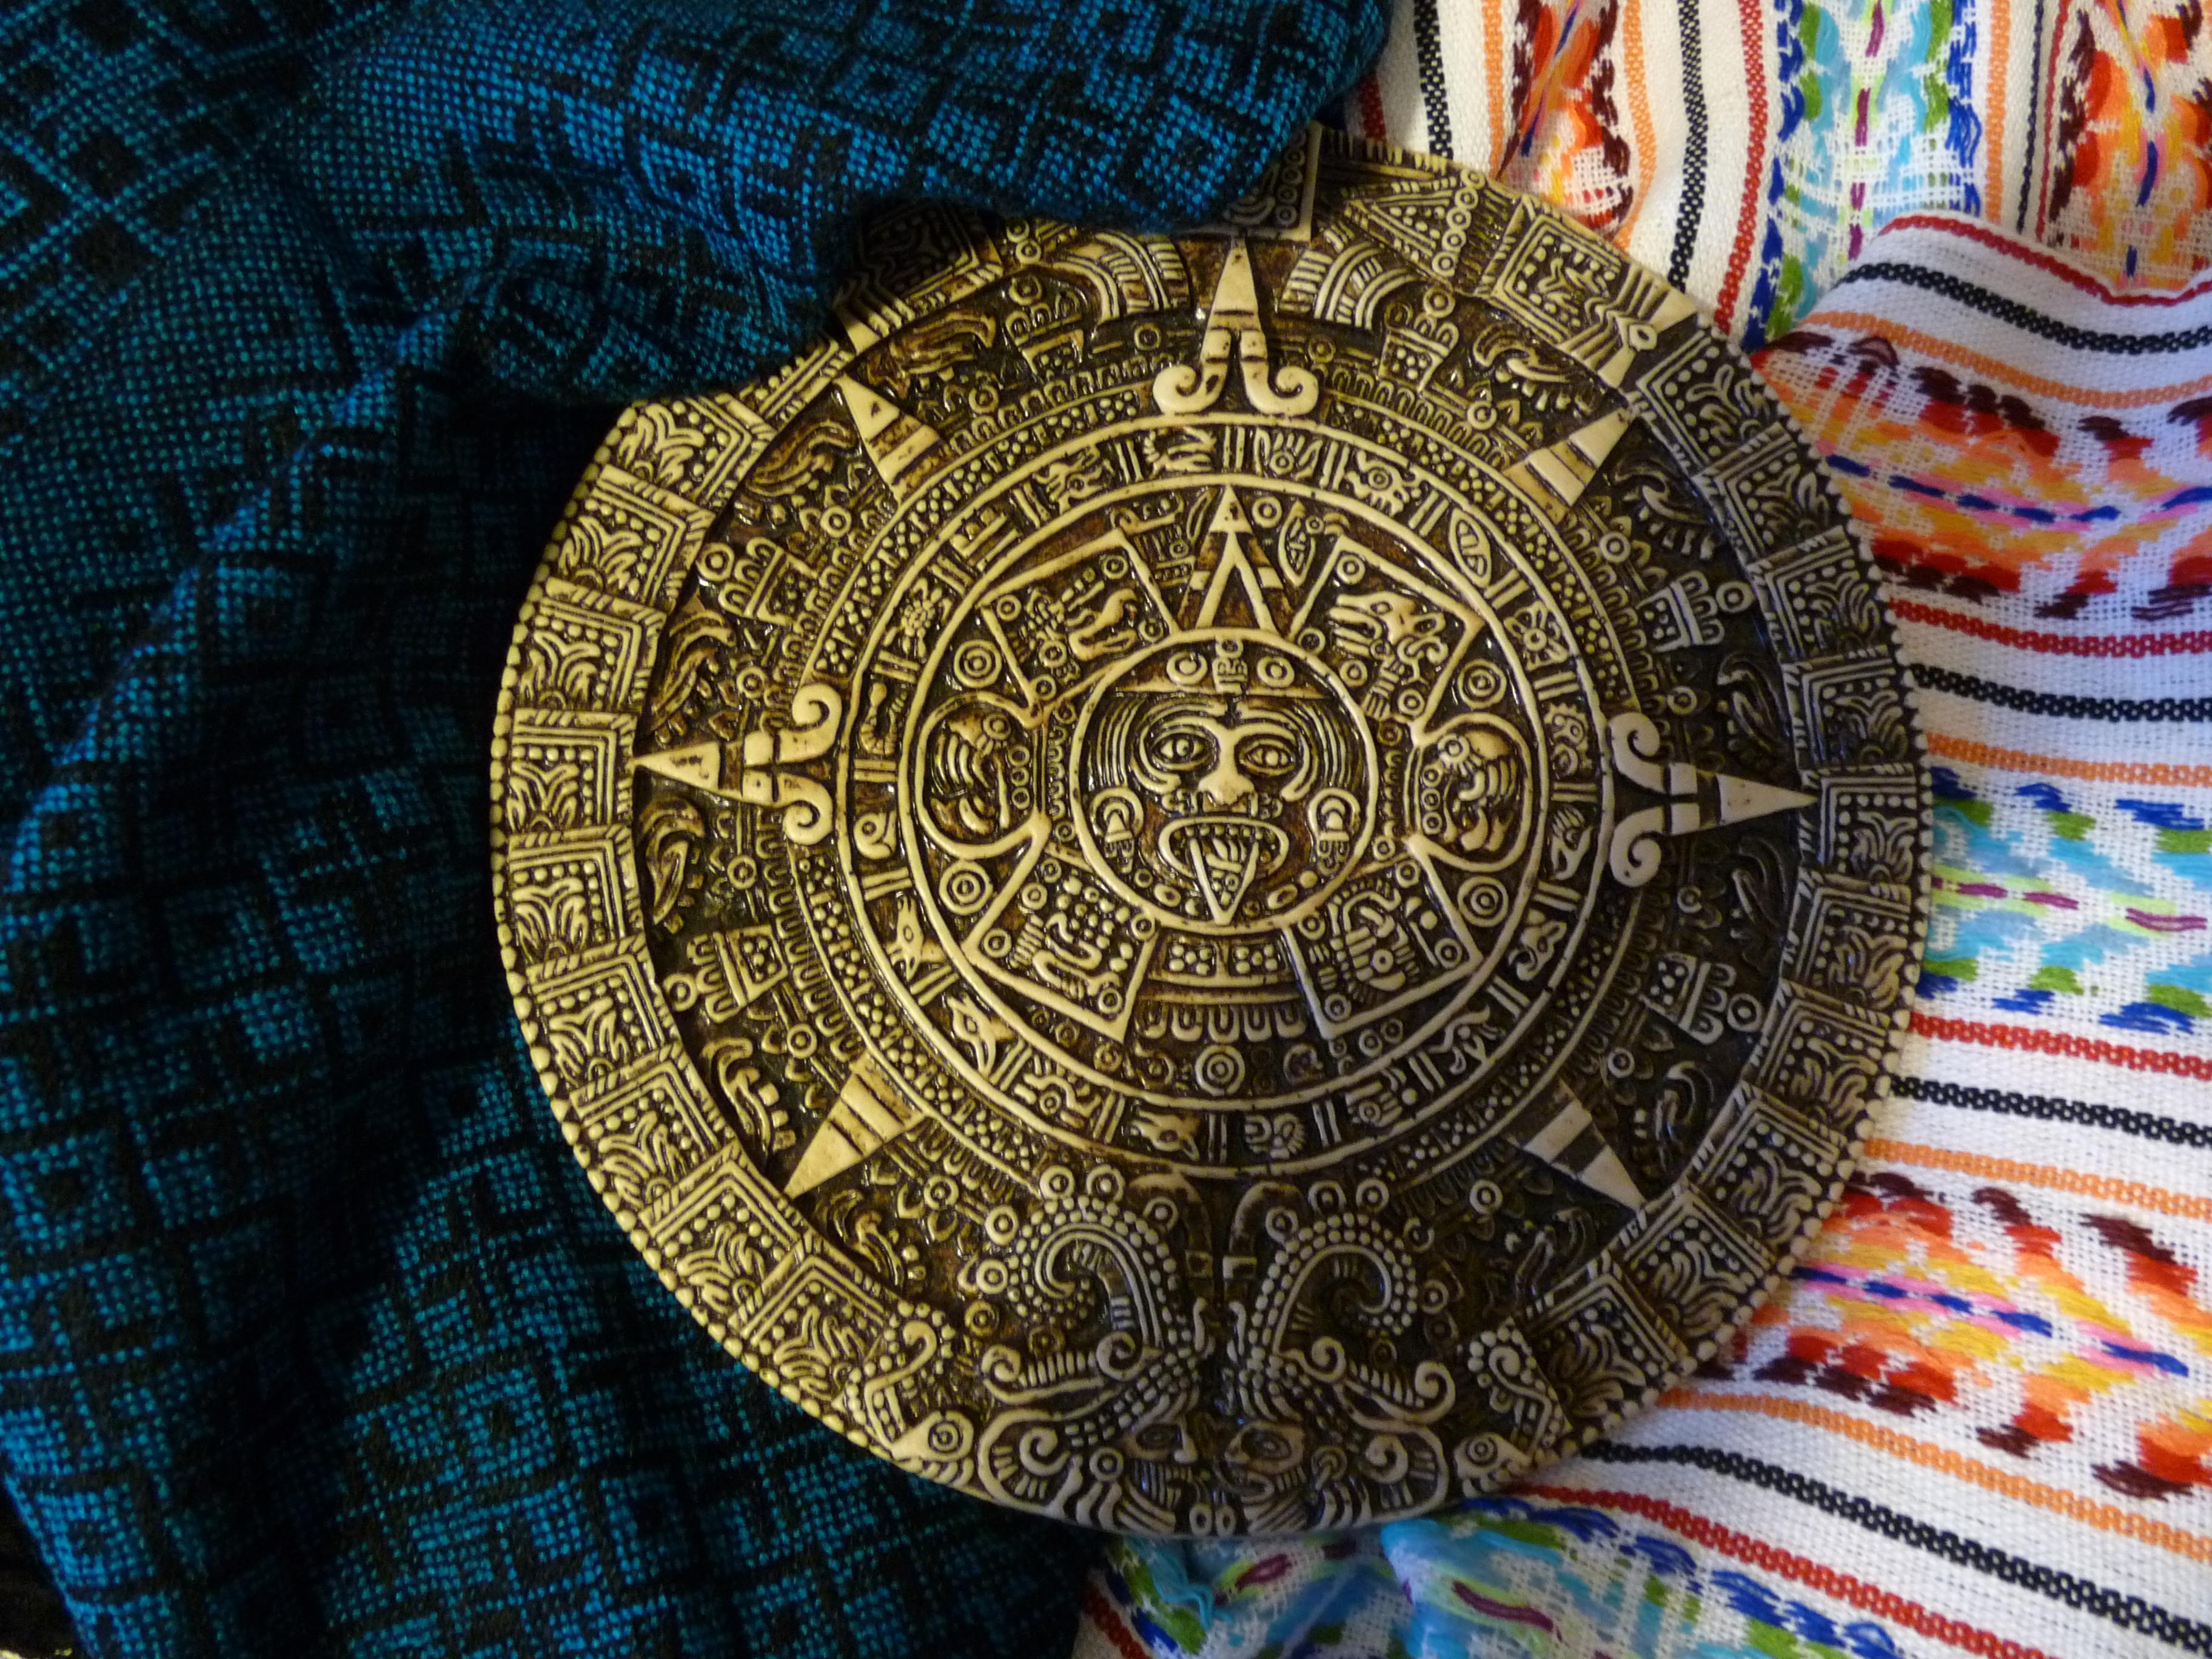 http://tbtc.fr/wp-content/uploads/2012/11/Calendrier-Maya-Fin-du-monde-2012-G-Communication-TBTC.jpg